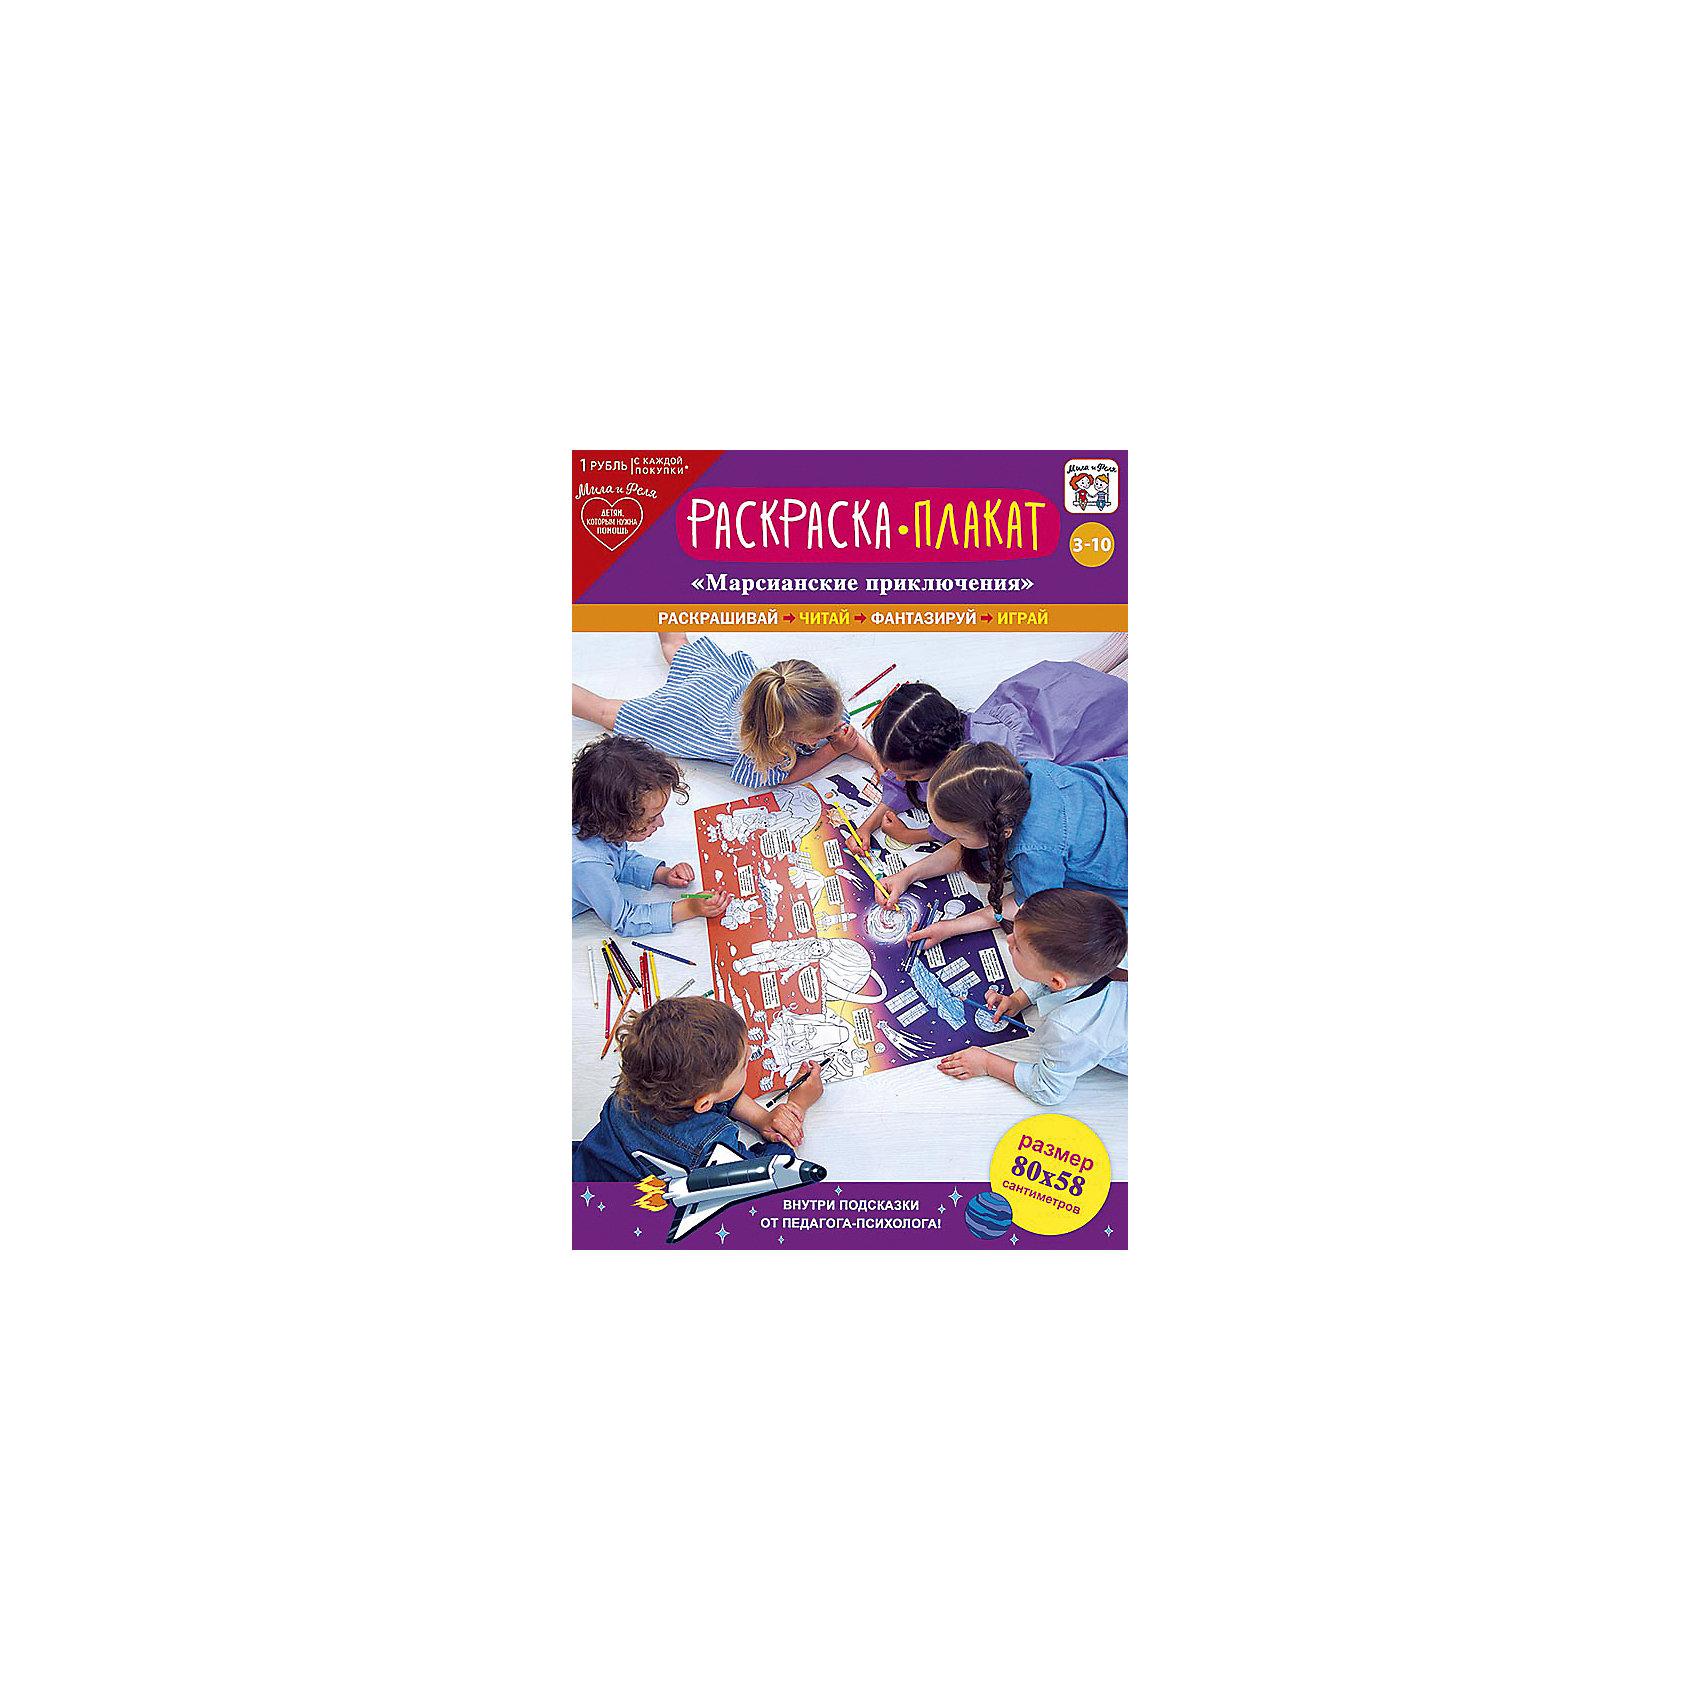 Раскраска - Плакат Мила и Феля - Марсианские приключенияРаскраски для детей<br>Характеристики:<br><br>• возраст: от 3 лет<br>• комплектация: раскраска-плакат, методические рекомендации с советами от педагога-психолога<br>• размер раскраски-плаката в развернутом виде: 80х58 см.<br><br>Огромная раскраска-плакат «Марсианские приключения» с интересными заданиями и веселыми стихами увлечет ребенка. Раскрашивать можно на полу или на столе, а для любителей порисовать на обоях раскраску-плакат можно закрепить на стене. Раскраска-плакат подойдет и для совместного раскрашивания несколькими детьми дома или в детском саду, места хватит всем.<br><br>Раскраска-плакат не только позволяет ребенку проявить свои художественные способности, но и развивает логику, внимание, память, речь и воображение. Советы от педагога-психолога подскажут родителям, как увлечь ребенка.<br><br>Раскраску - Плакат «Мила и Феля - Марсианские приключения» можно купить в нашем интернет-магазине.<br><br>Ширина мм: 295<br>Глубина мм: 205<br>Высота мм: 4<br>Вес г: 80<br>Возраст от месяцев: 36<br>Возраст до месяцев: 2147483647<br>Пол: Унисекс<br>Возраст: Детский<br>SKU: 7127548